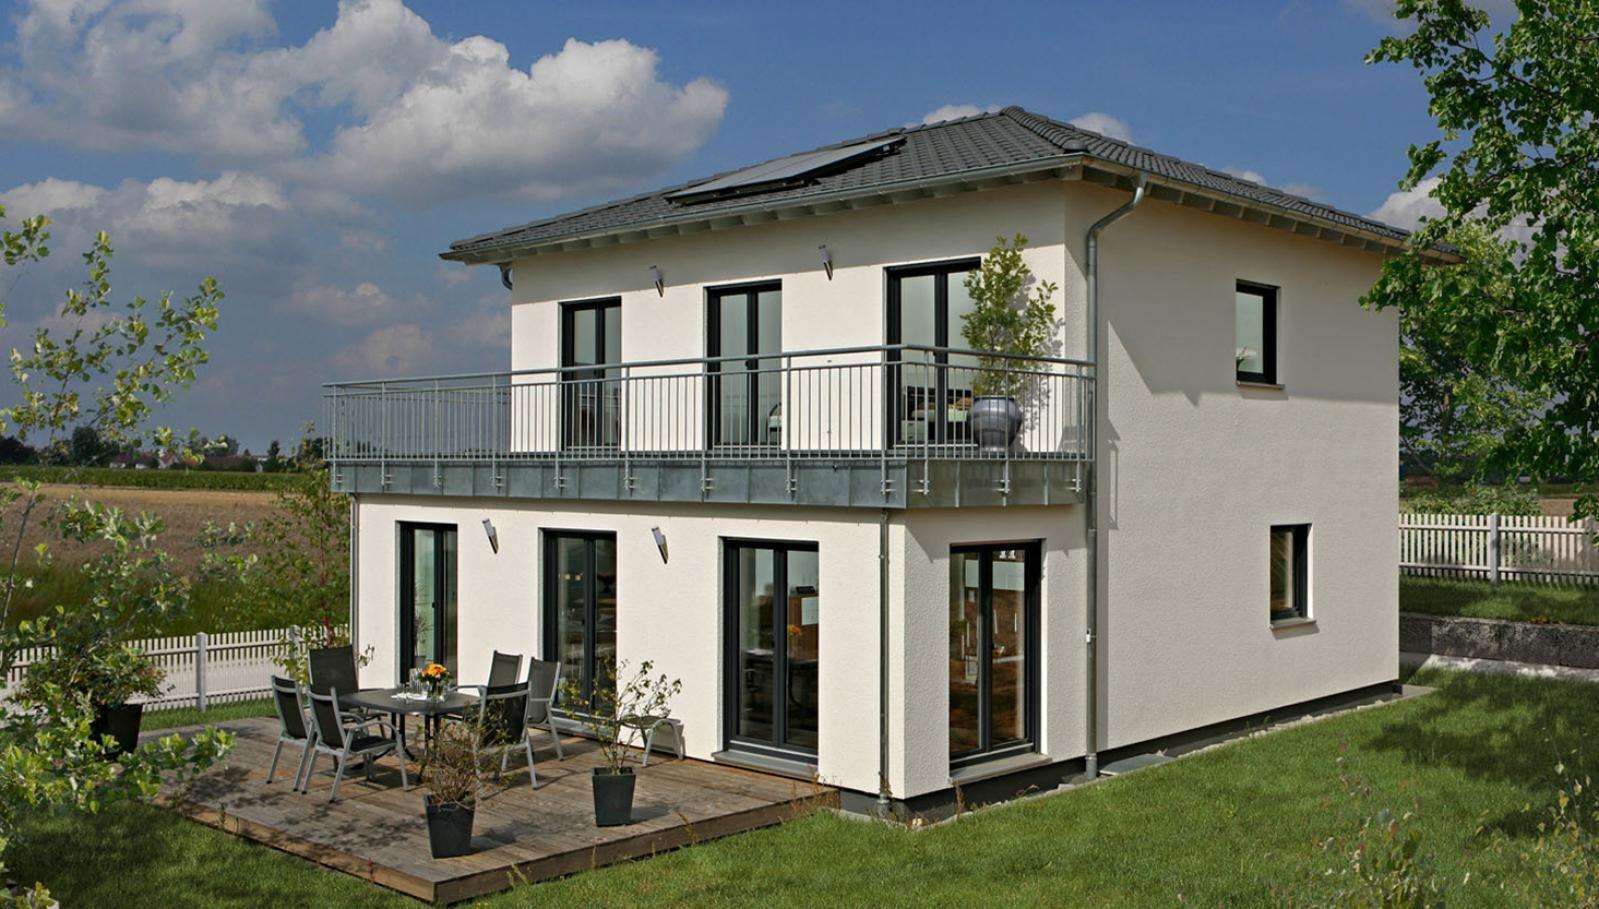 新农村 微顶平房 自建15万农村别墅图纸设计, 二楼半露阳台 室内面积